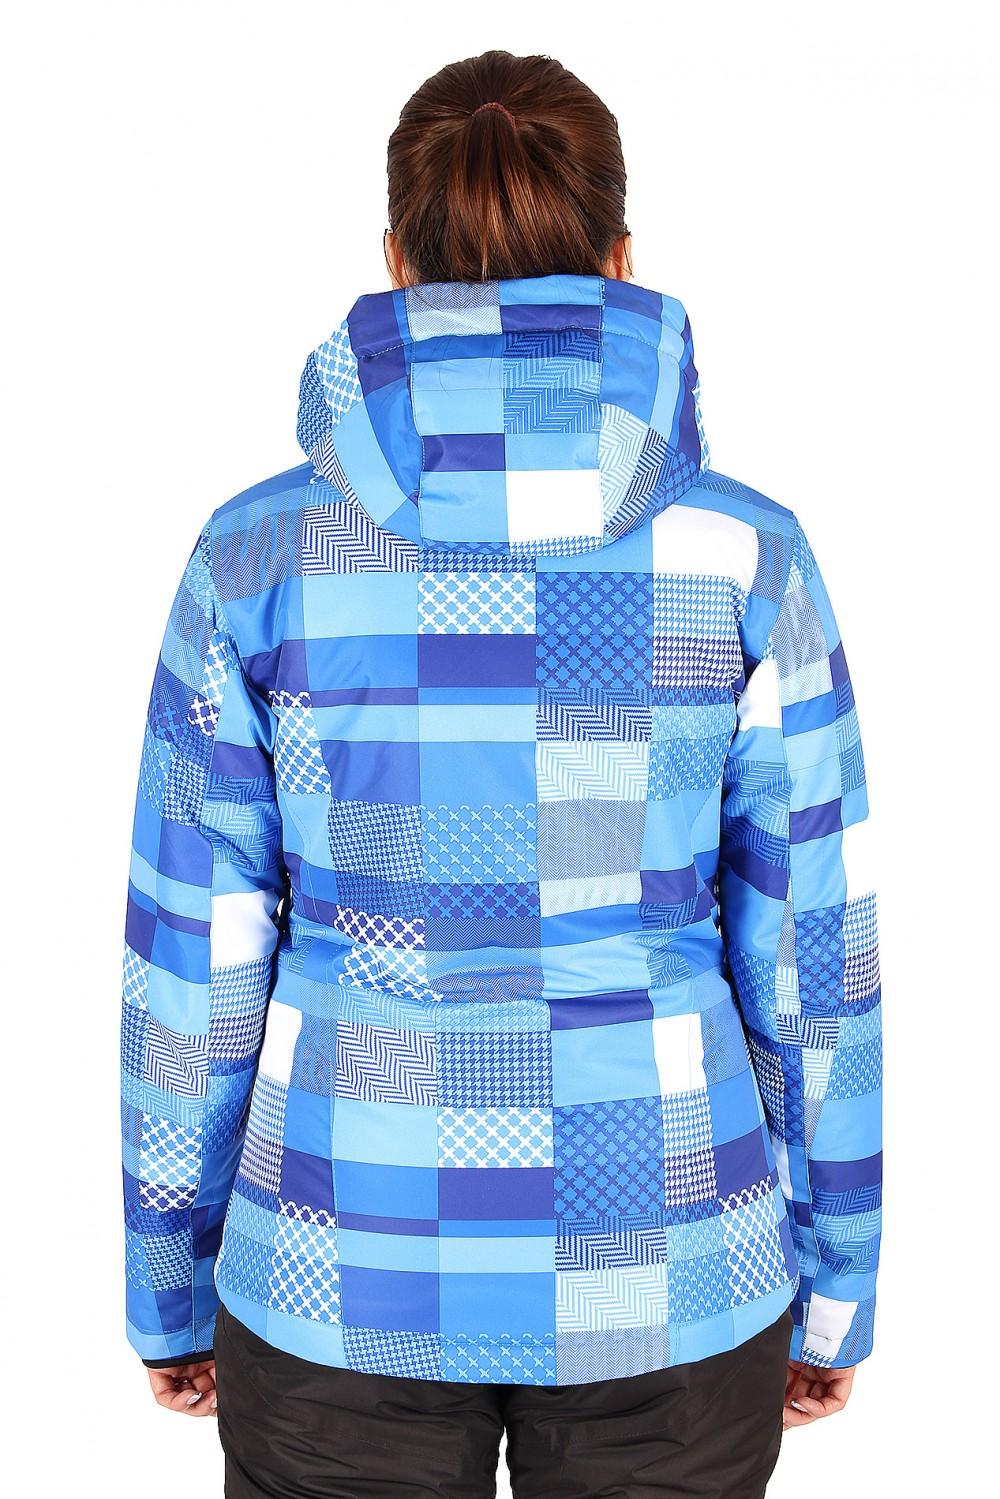 Купить оптом Костюм горнолыжный женский синего цвета 01784S в Воронеже